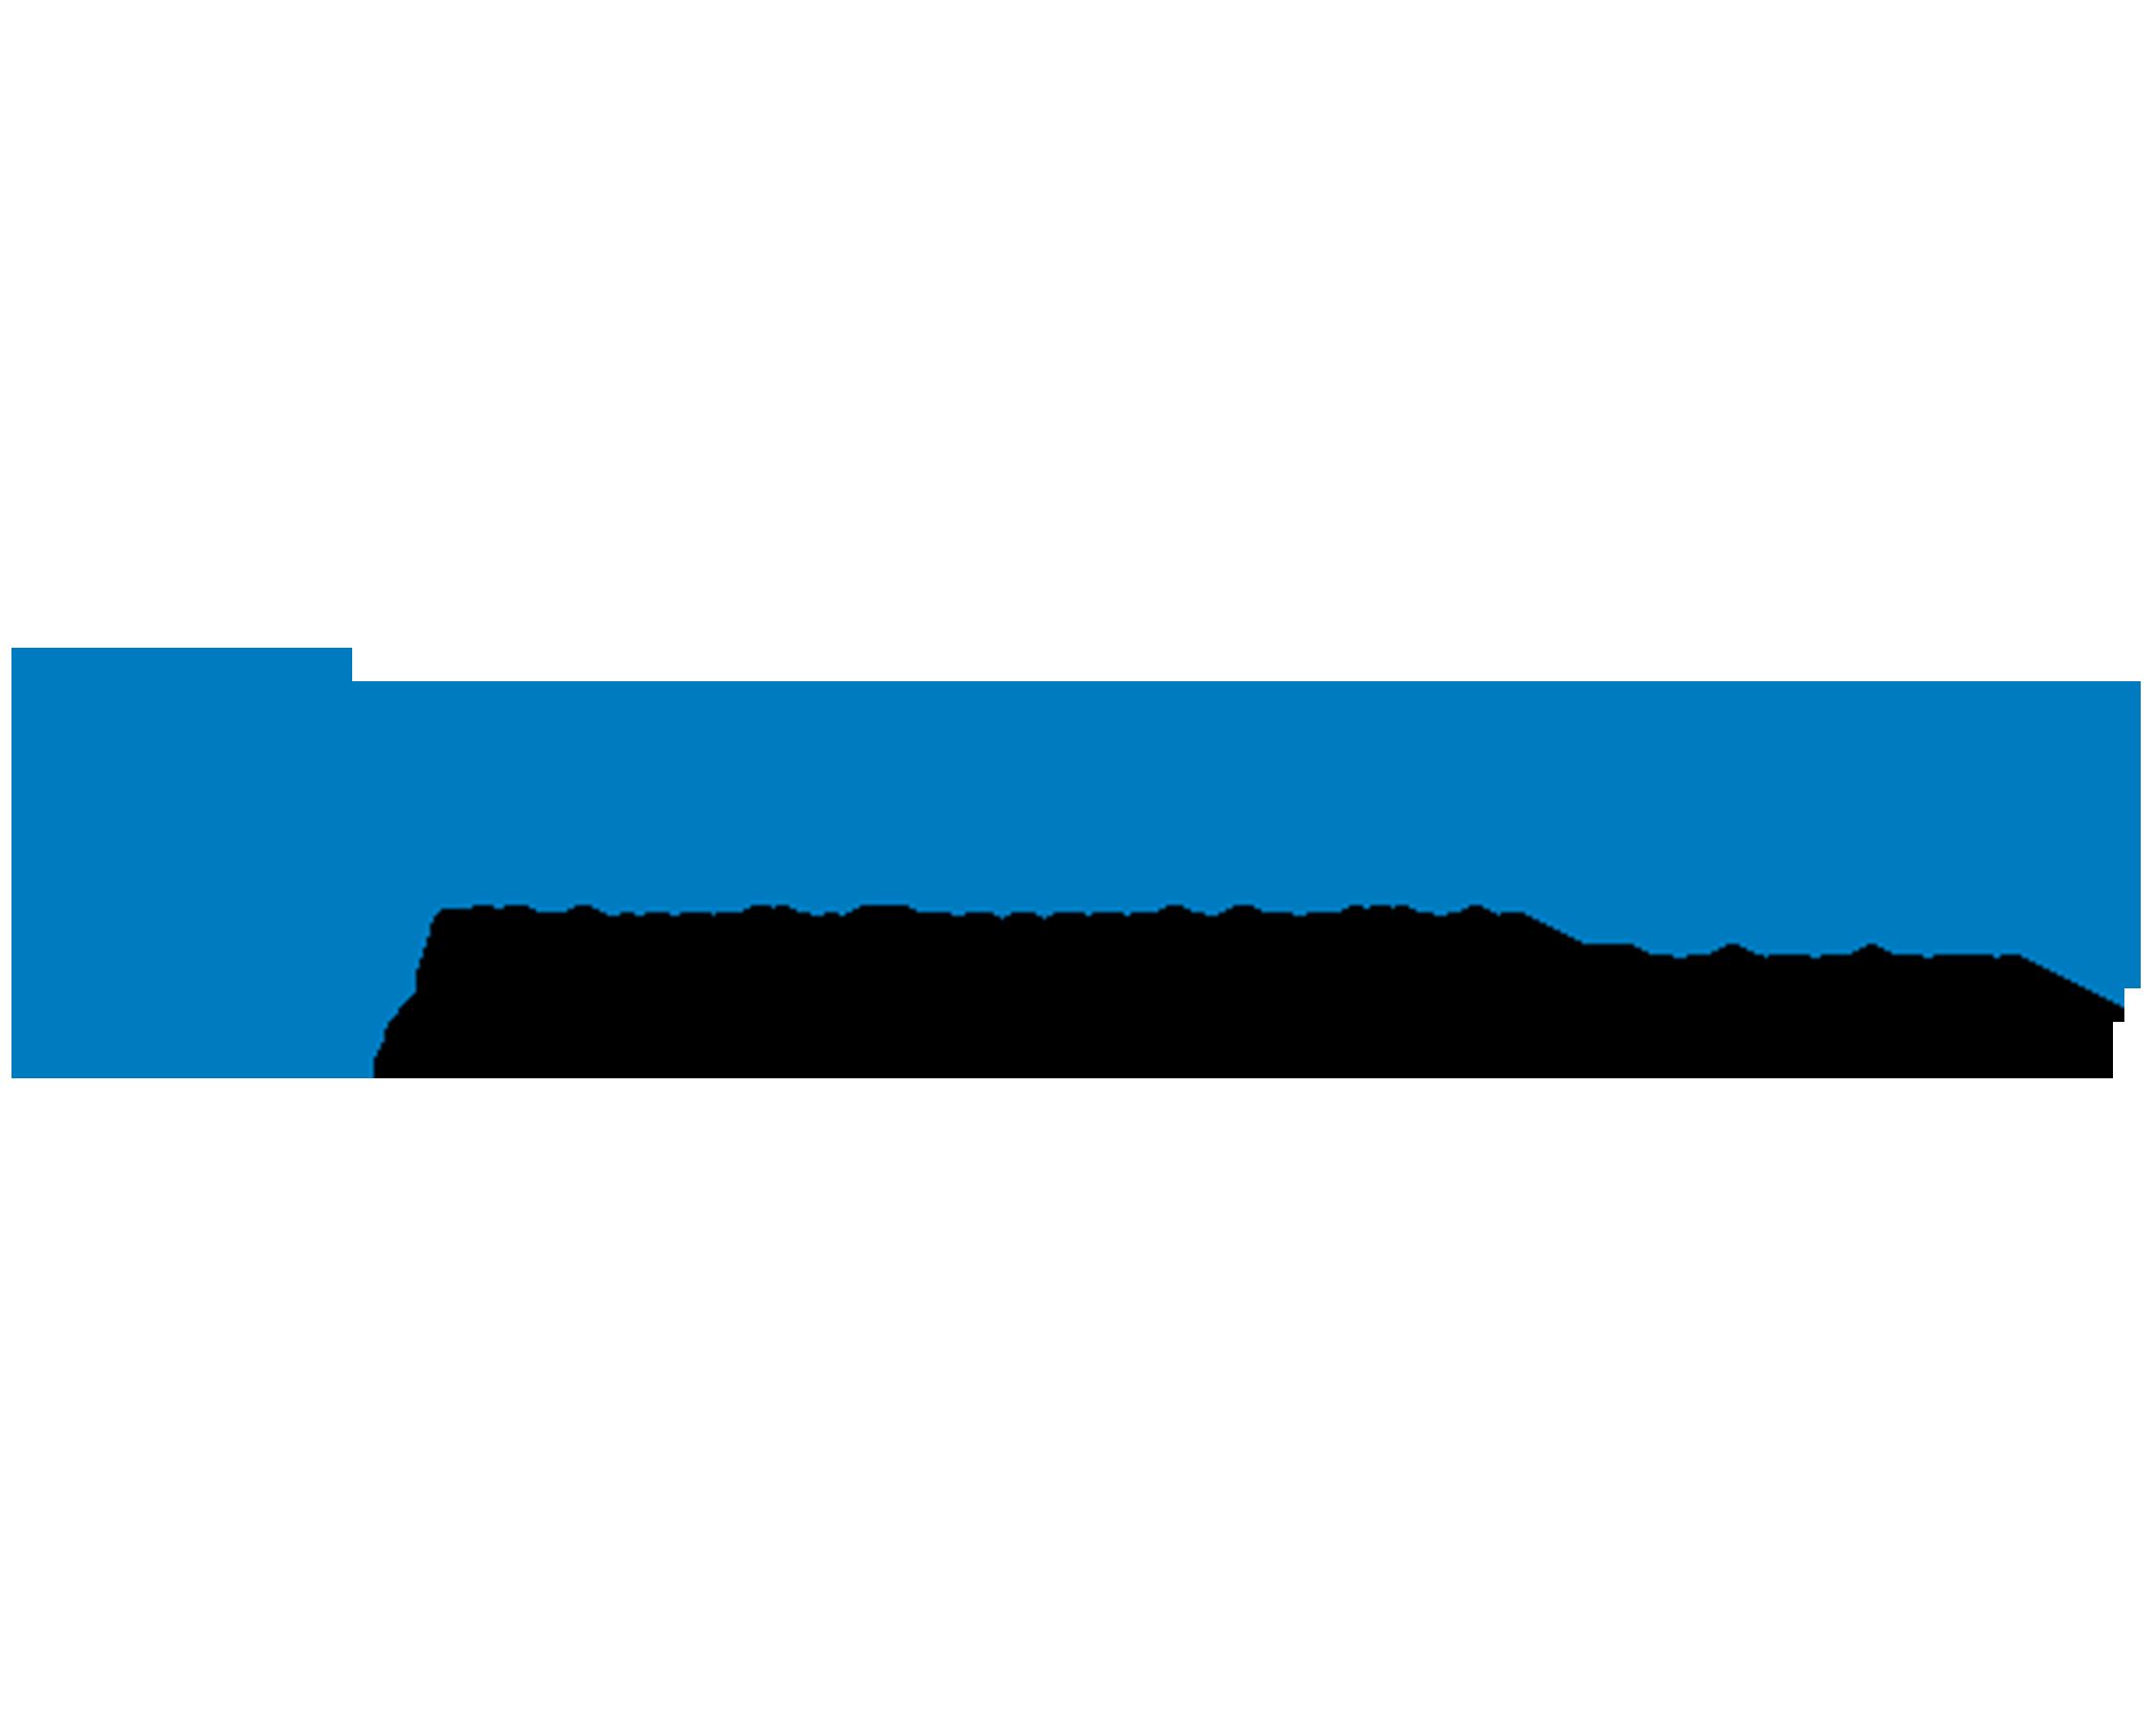 Universitat Politècnica de Catalunya logo